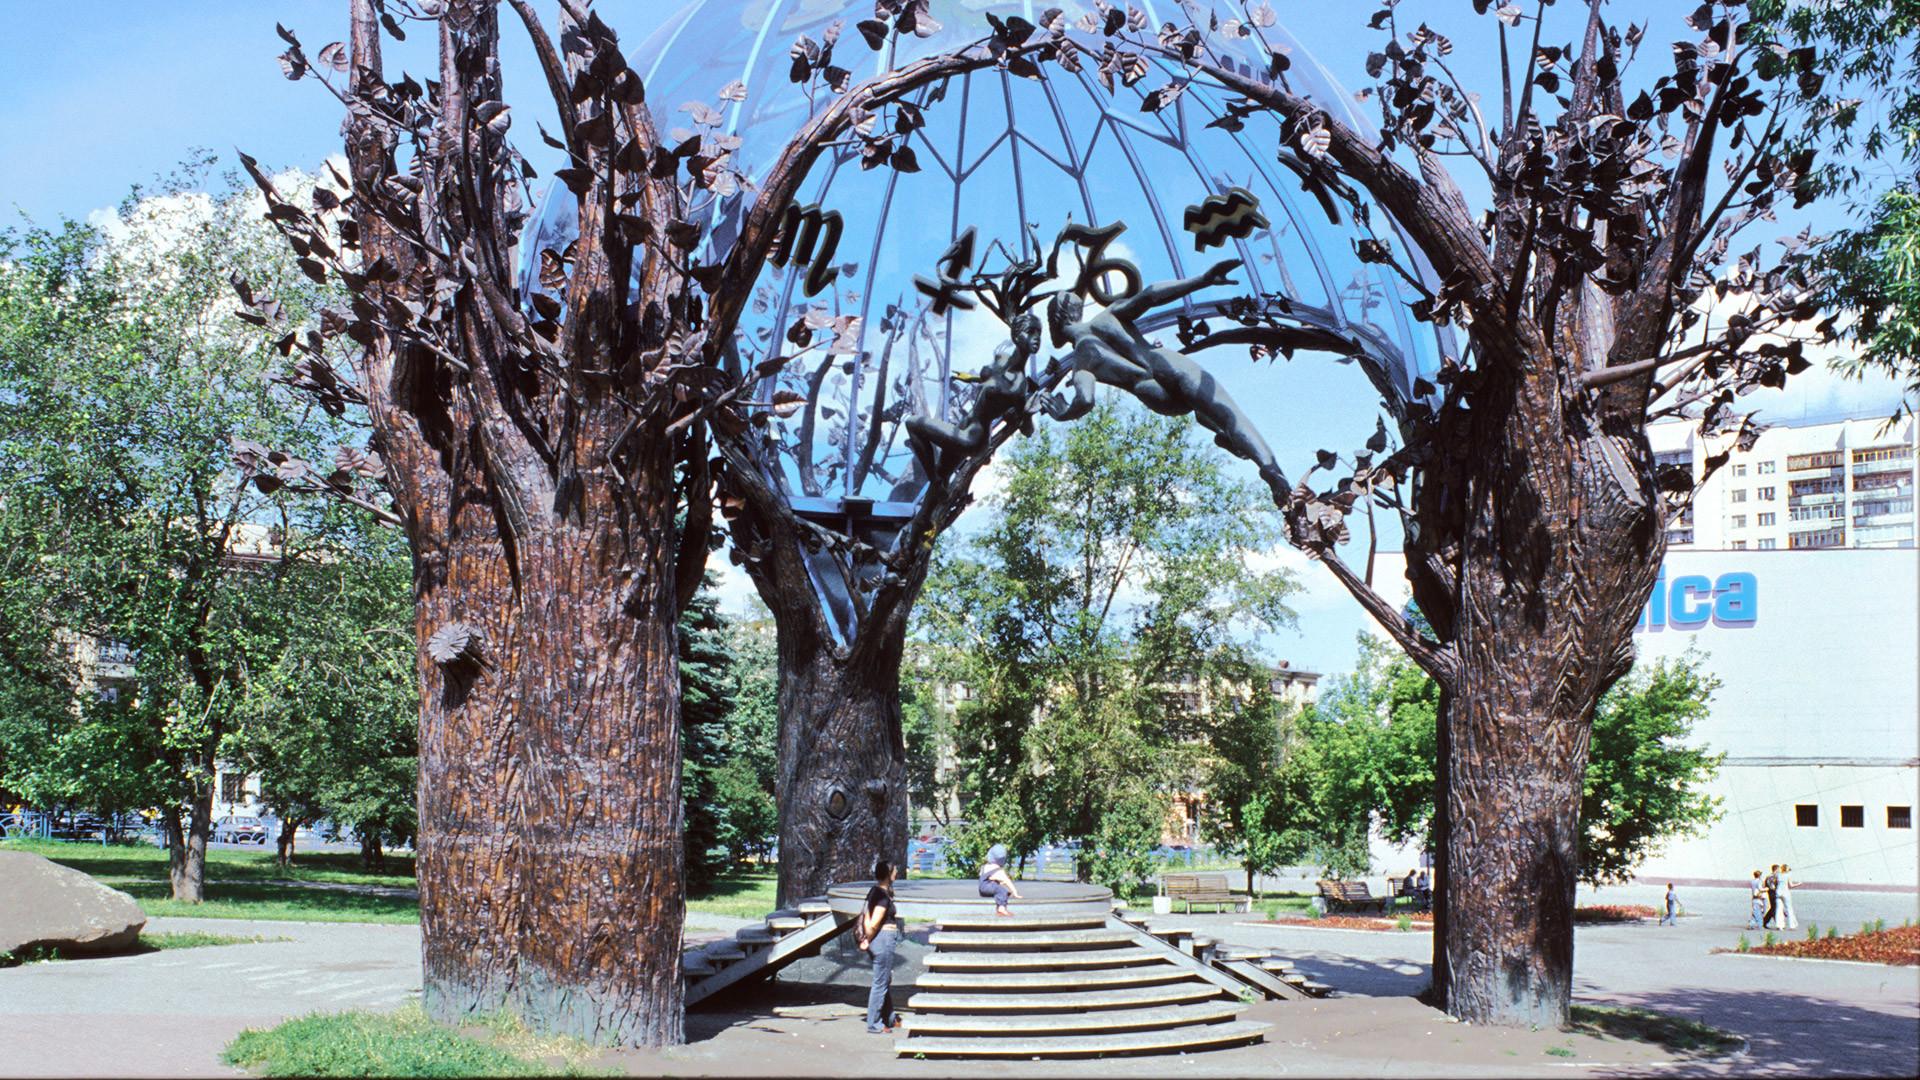 Tcheliabinsk, « Sphere of Love », de Viktor Mitrochine. Érigée en 2000, cette sculpture consiste en quatre arbres en bronze entourant deux silhouettes s'embrassant sous un dôme en verre bleu d'Italie. Elle est devenue l'emblème bien-aimé de la ville. Photo : William Brumfield 13 juillet 2003